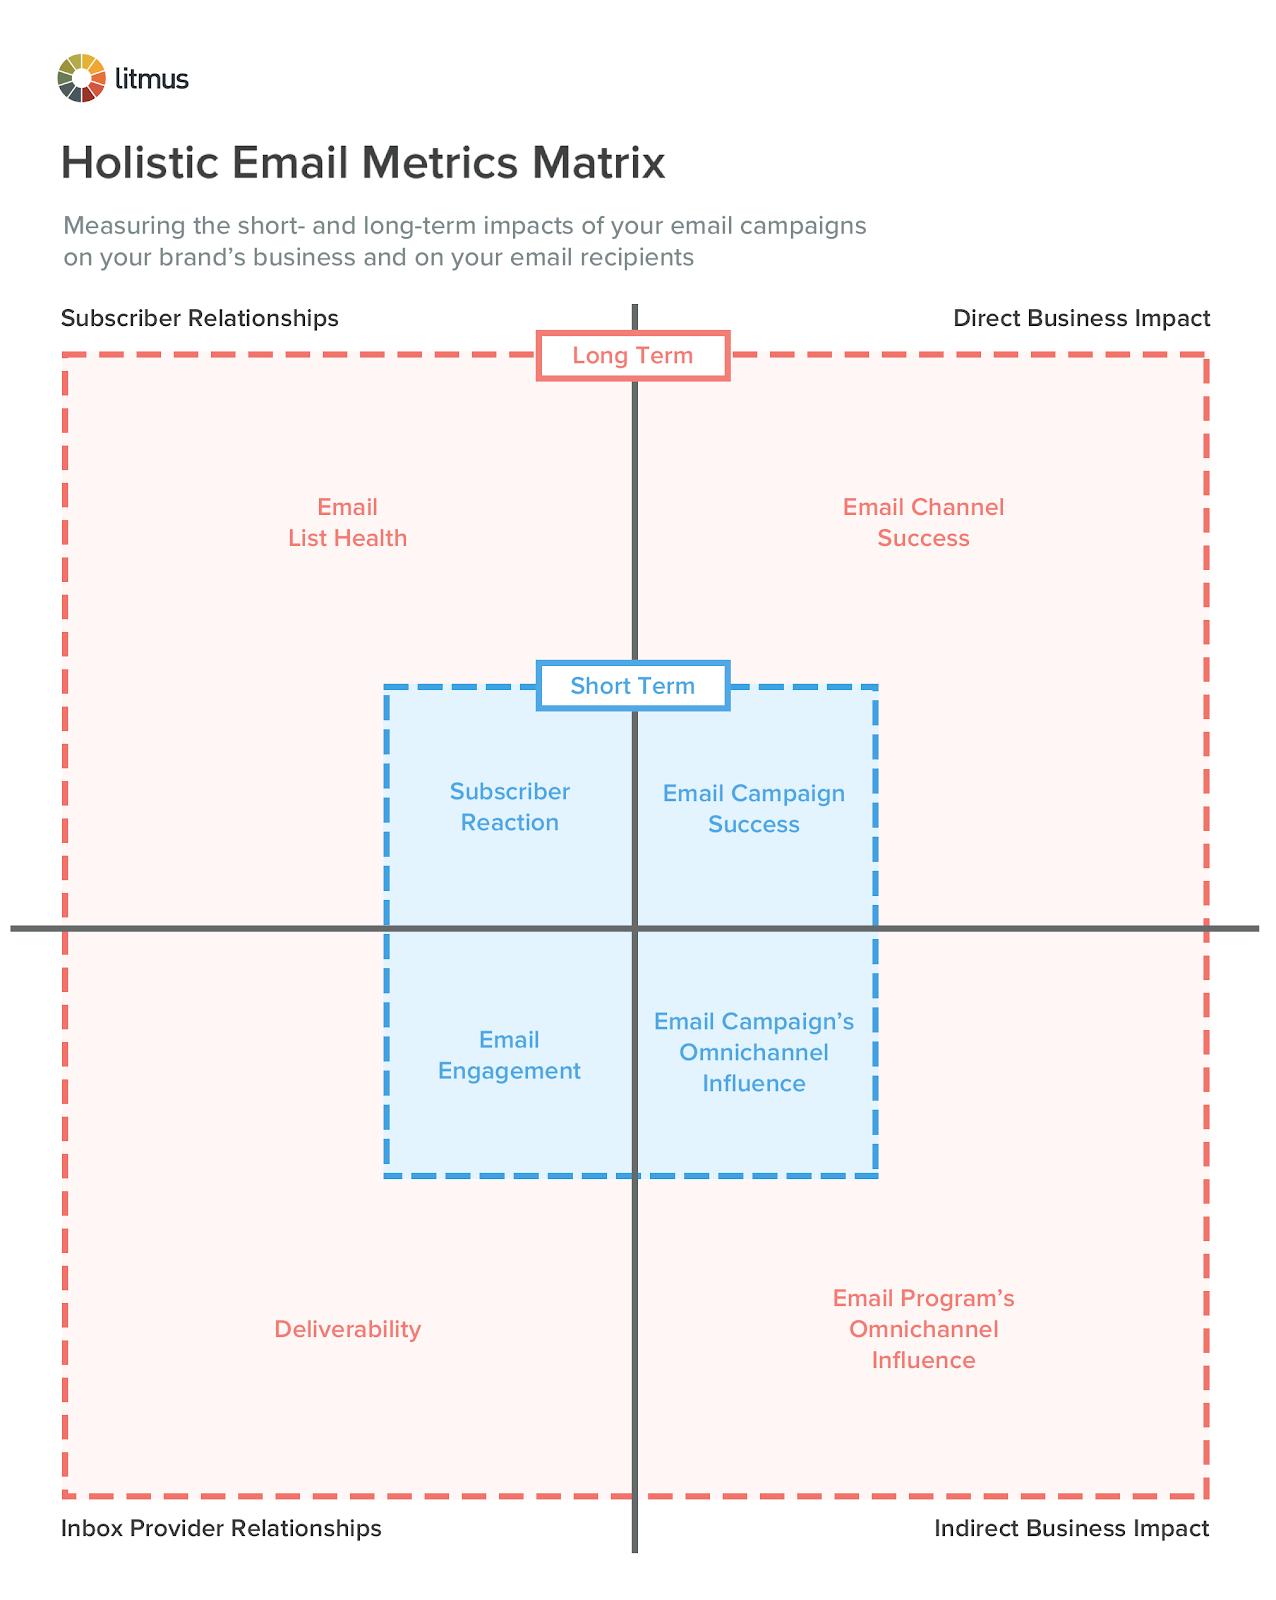 holistic_email_metrics_matrix